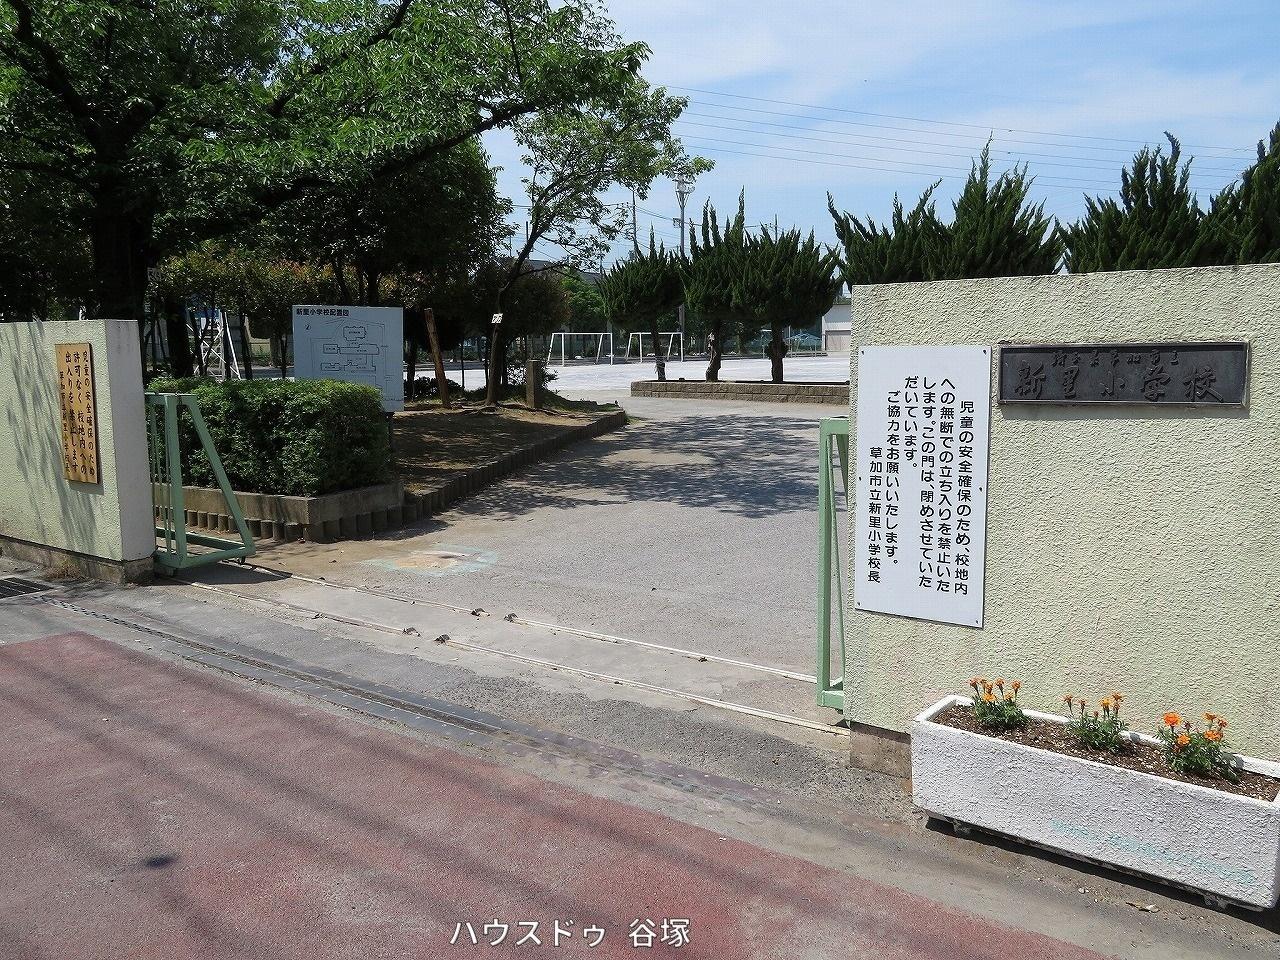 小学校徒歩7分(約487m)